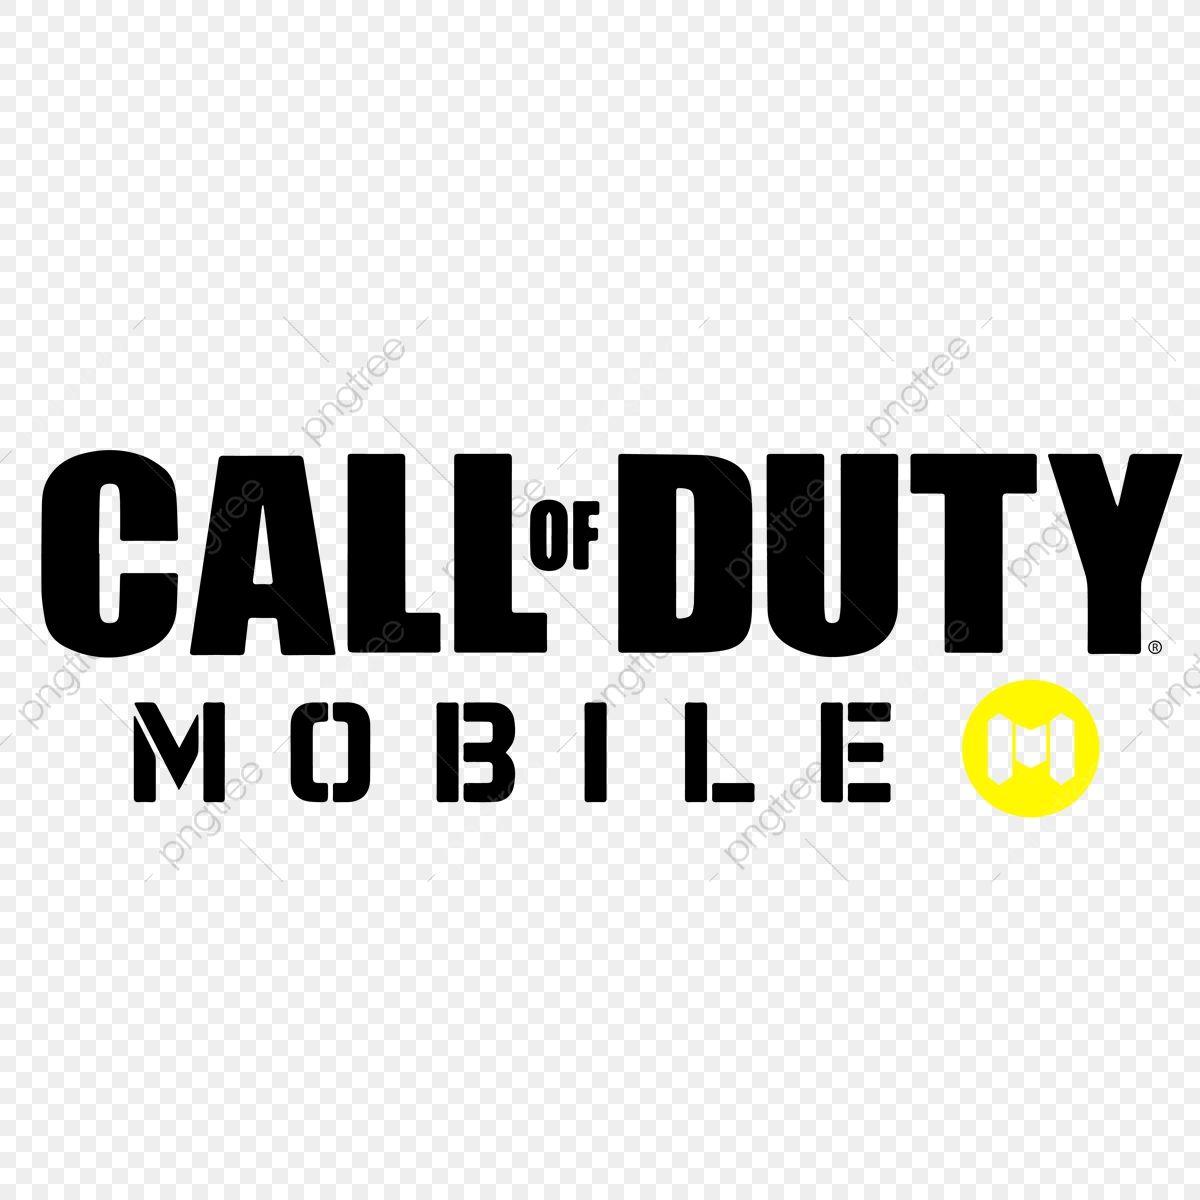 Resultados Da Pesquisa De Imagens Do Google Para Https Img Pngio Com Call Of Duty Mobile Cod Mobile Cod Png Trans Chicos De Barrio Diseno De Personajes Comic